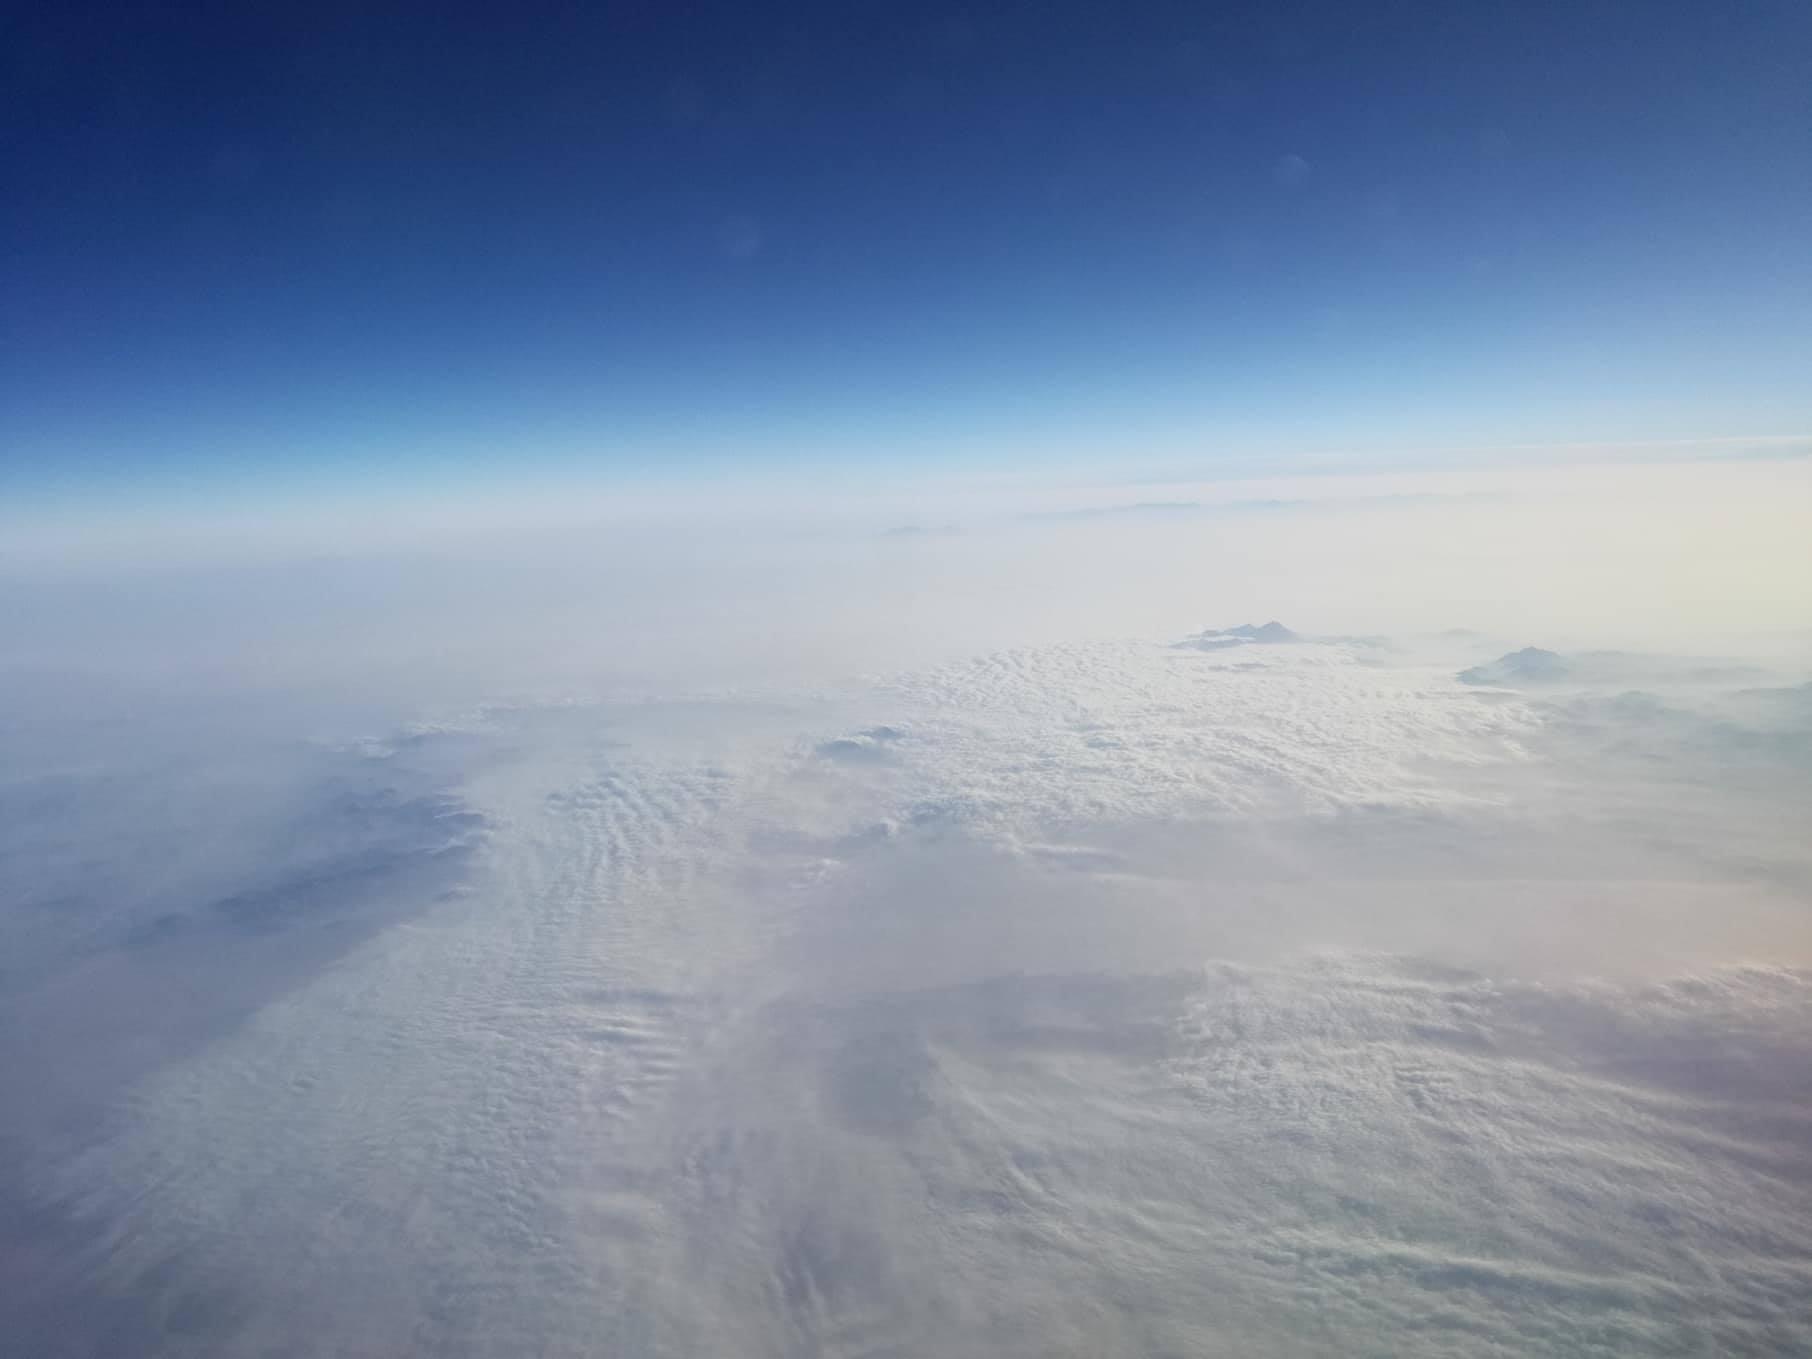 Hajnalodik a felhők fölött